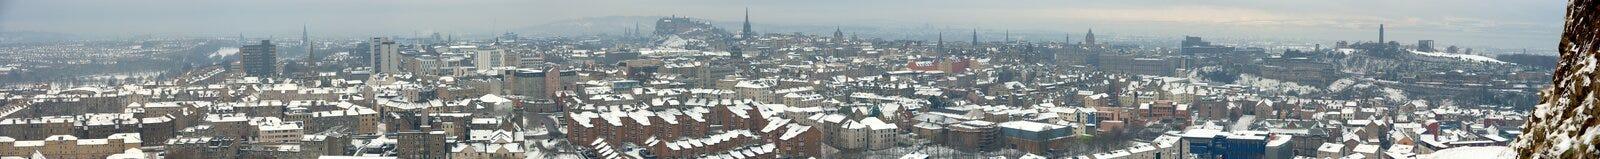 Panorama van Edinburgh, Schotland, in sneeuw stock foto